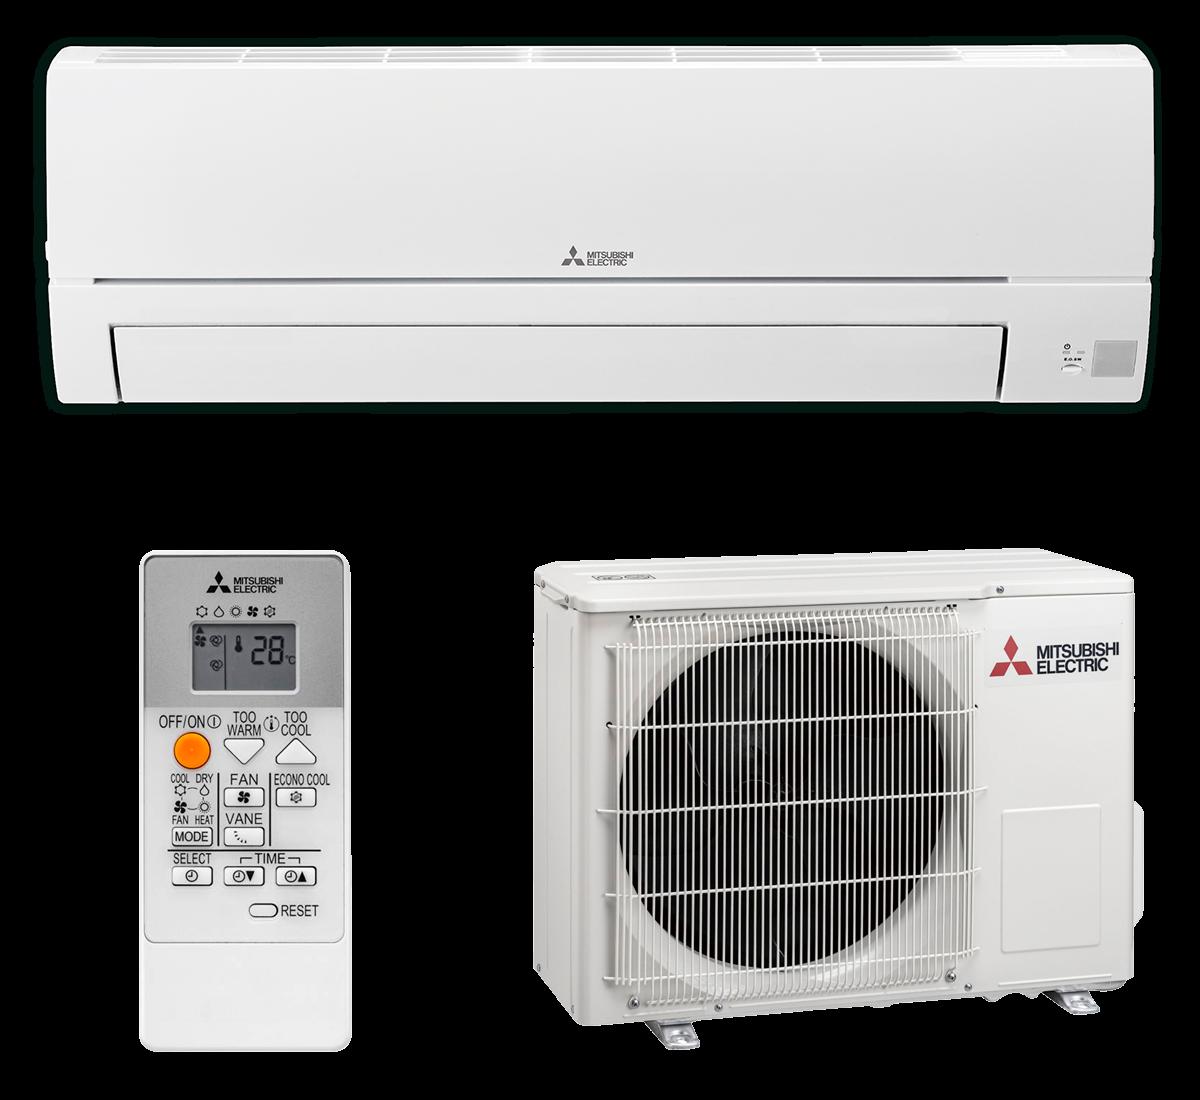 aire acondicionado conjunto split mitsubishi electric inverter serie msz hr modelo msz hr25vf precio incluido en la instalacion caseragua